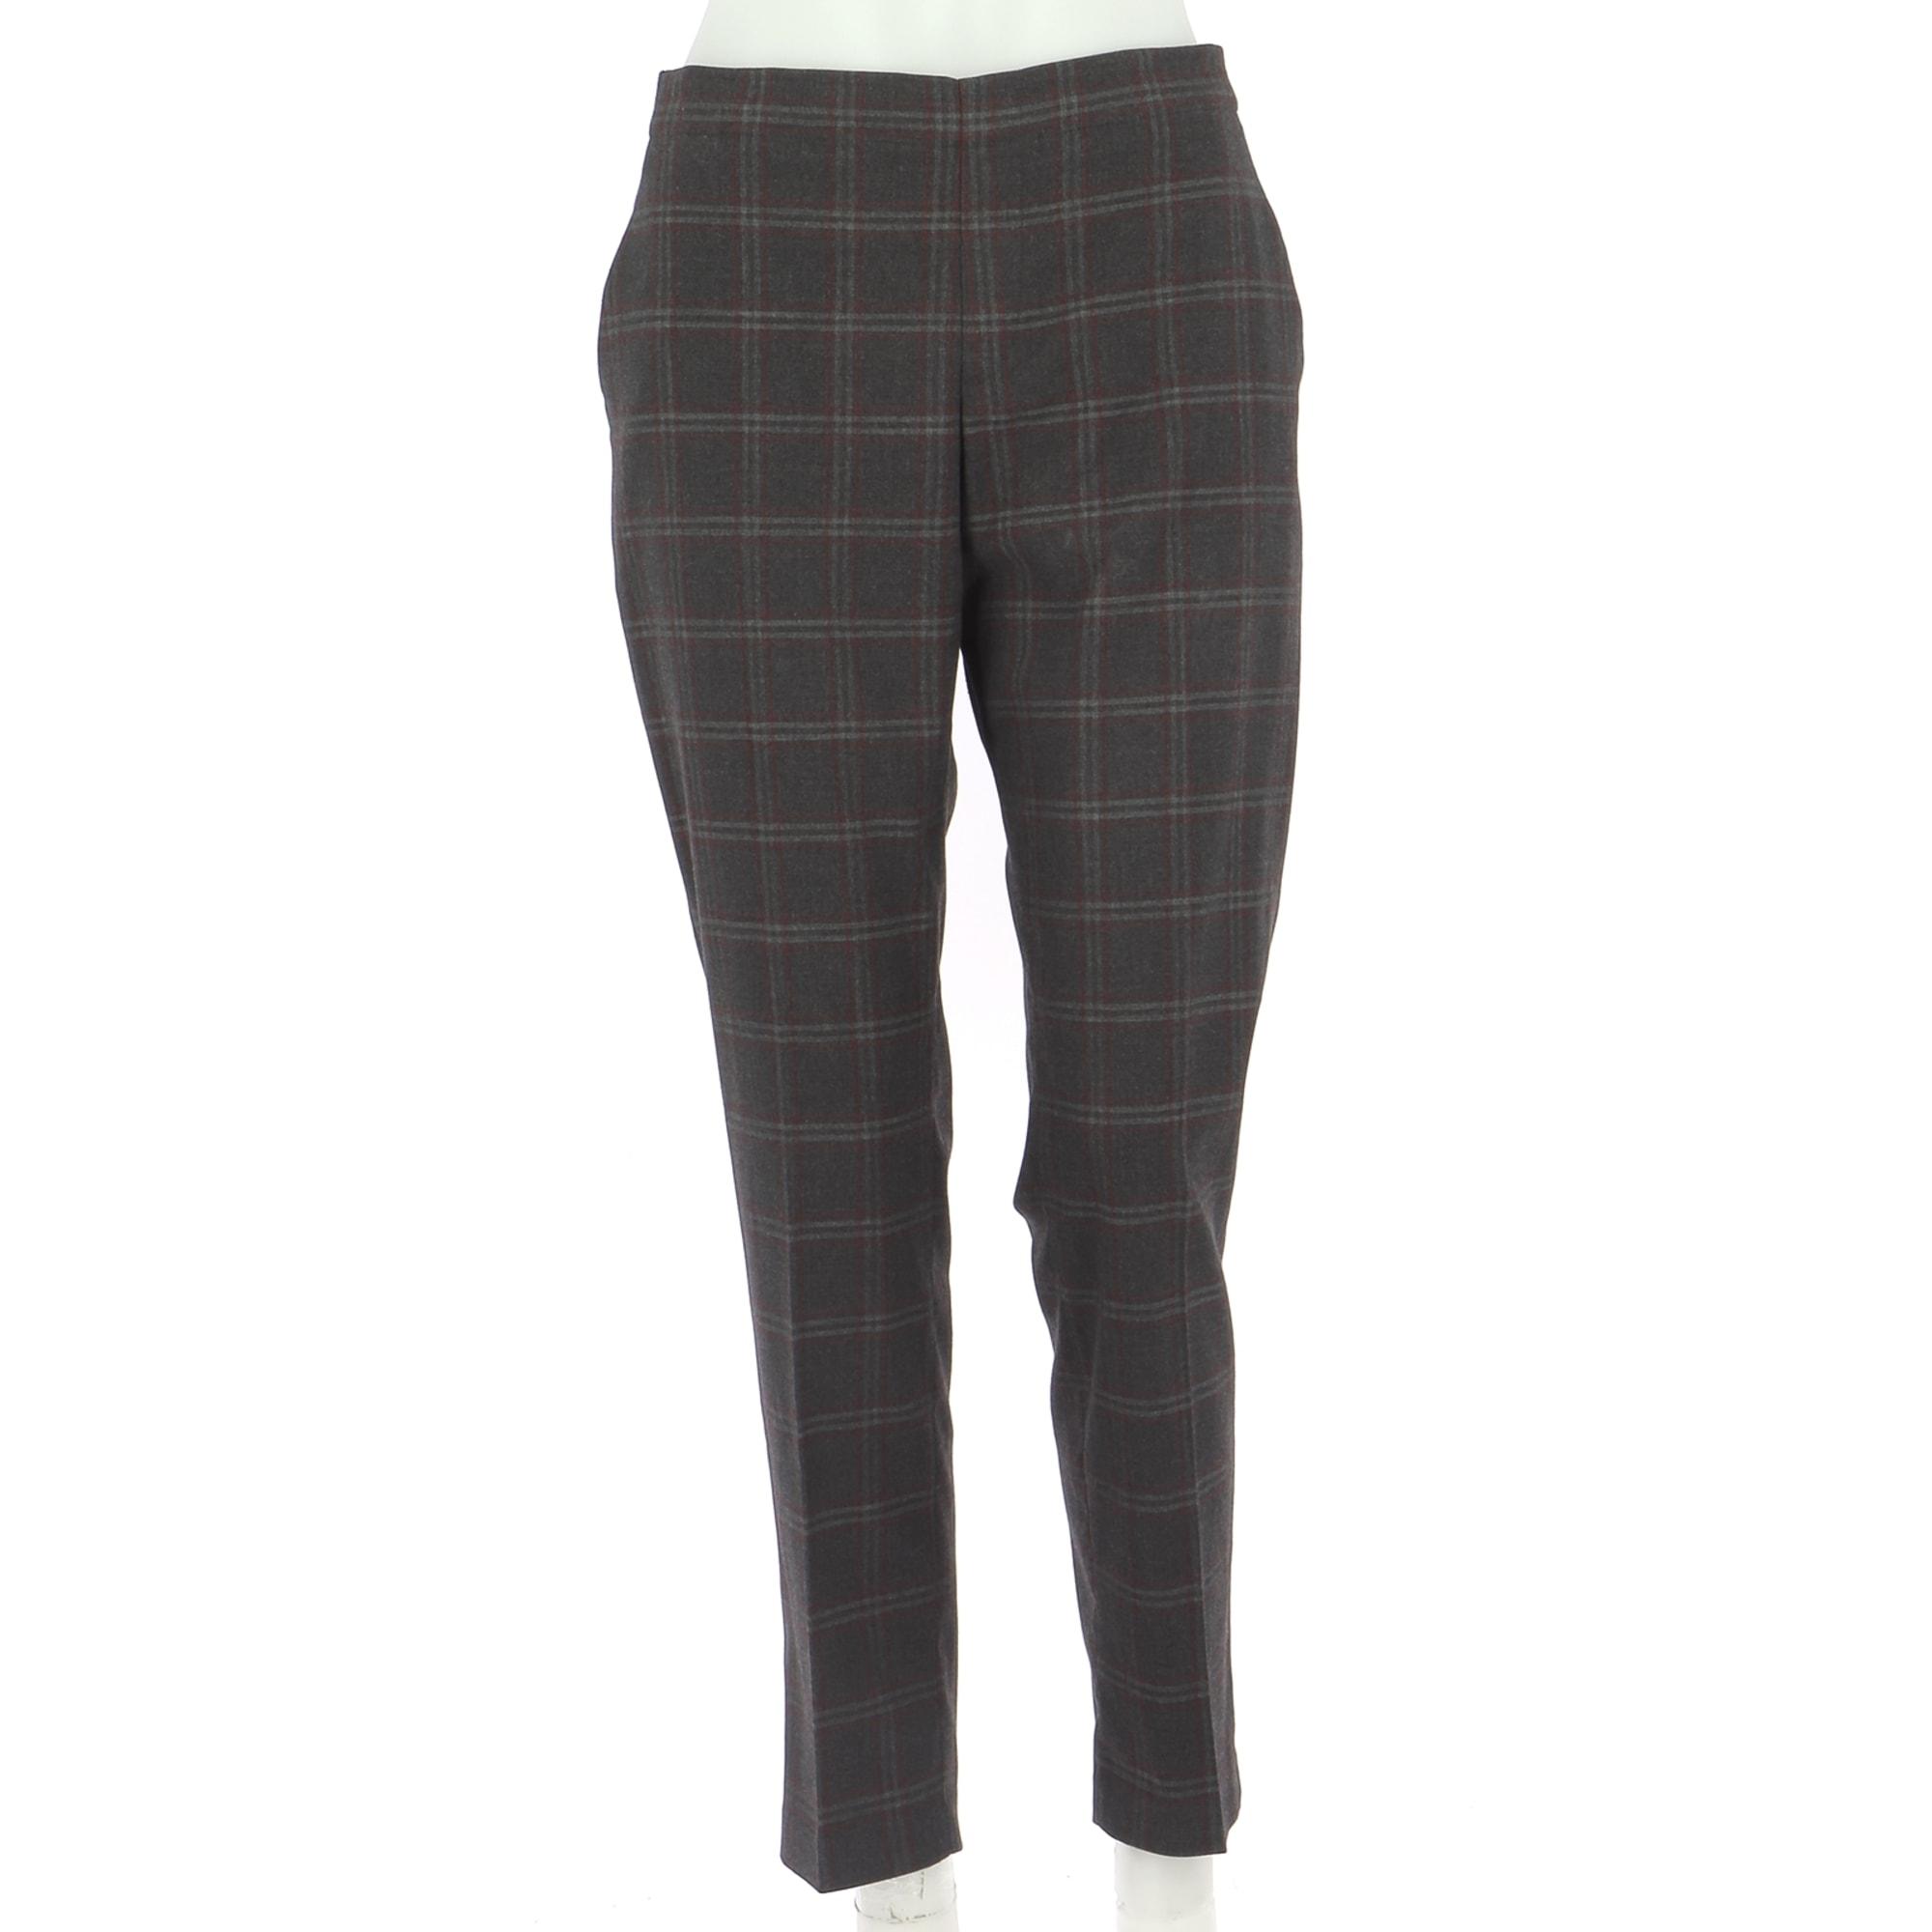 Pantalon droit UNIQLO Gris, anthracite